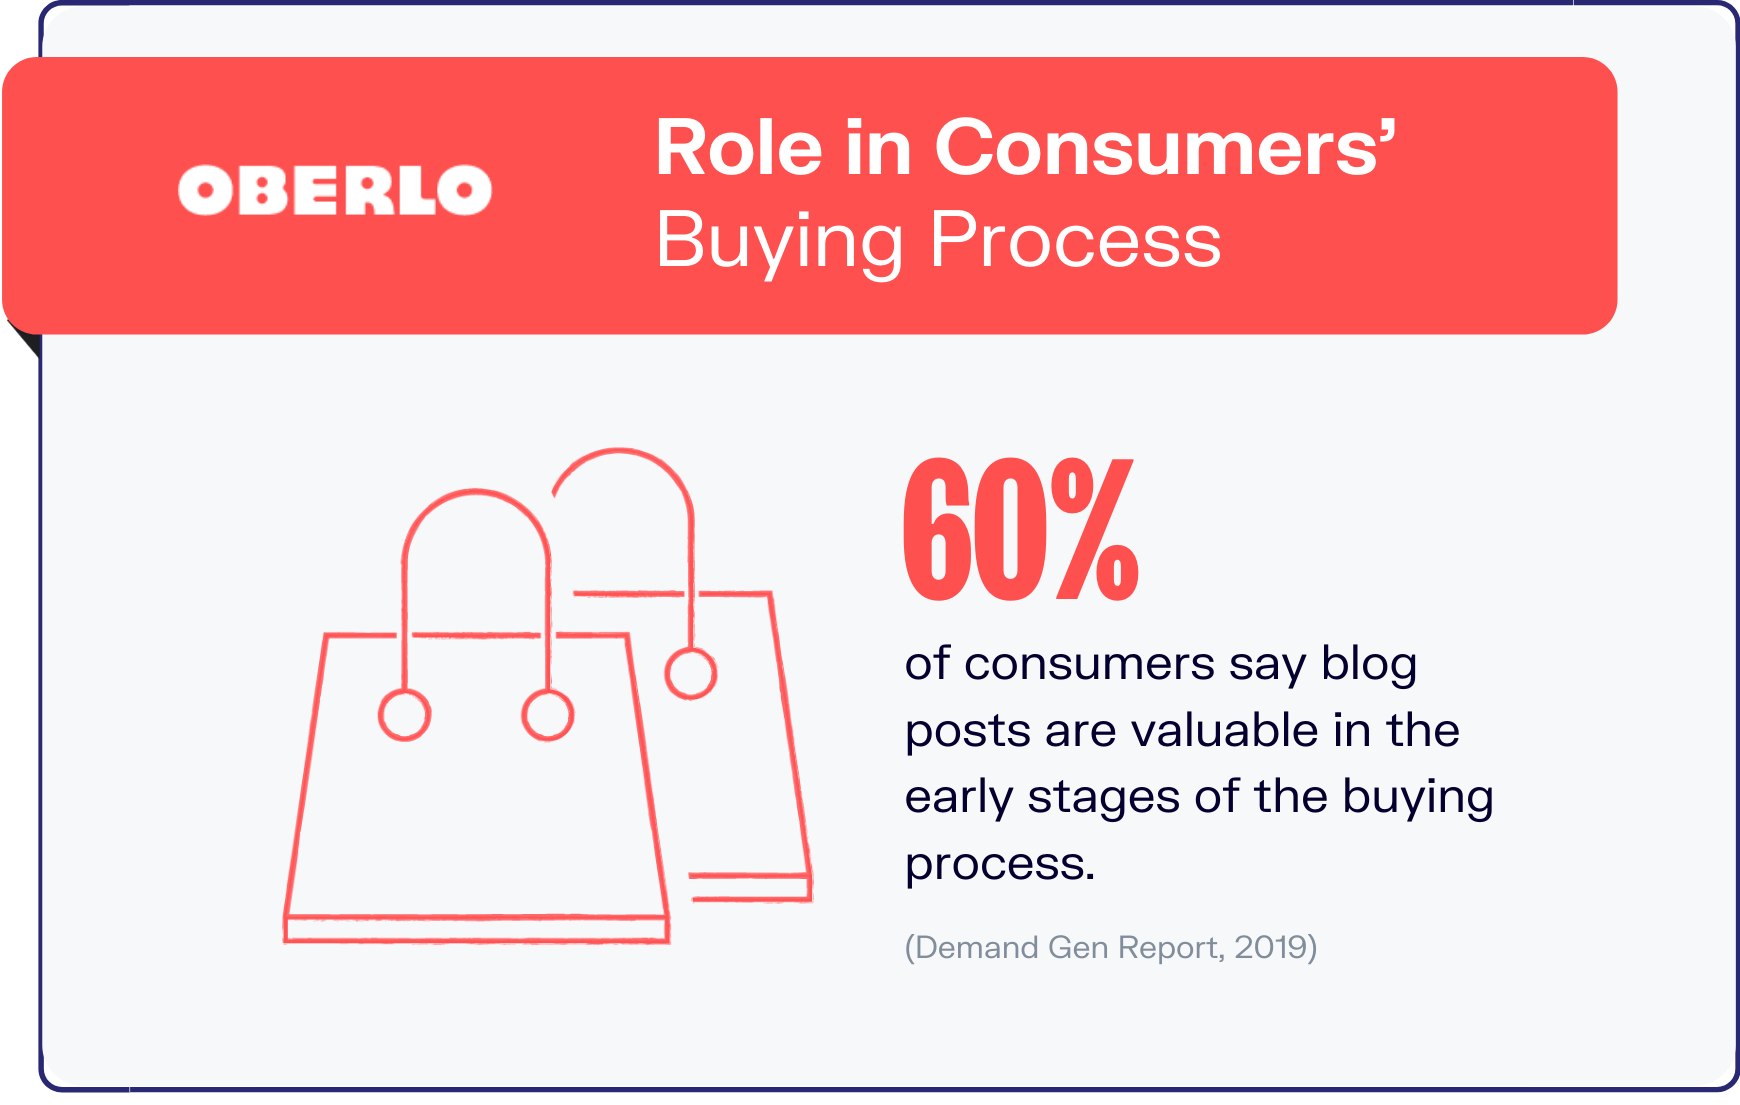 blogging statistics graphic 9